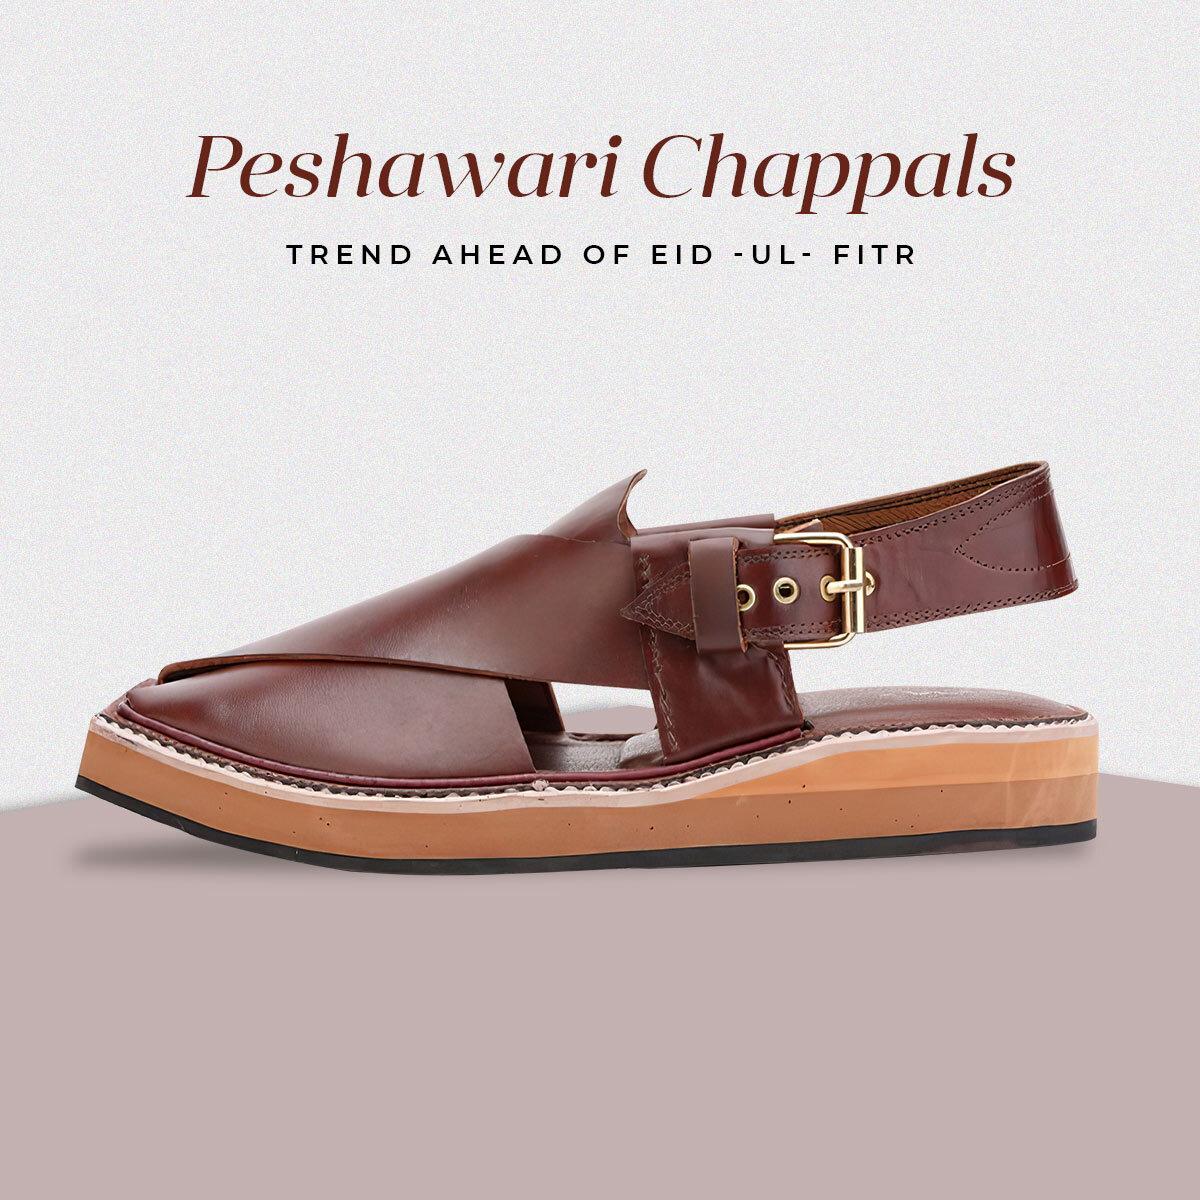 Pakistan's Traditional Peshawari Chappals Trend Ahead of Eid-Ul-Fitr